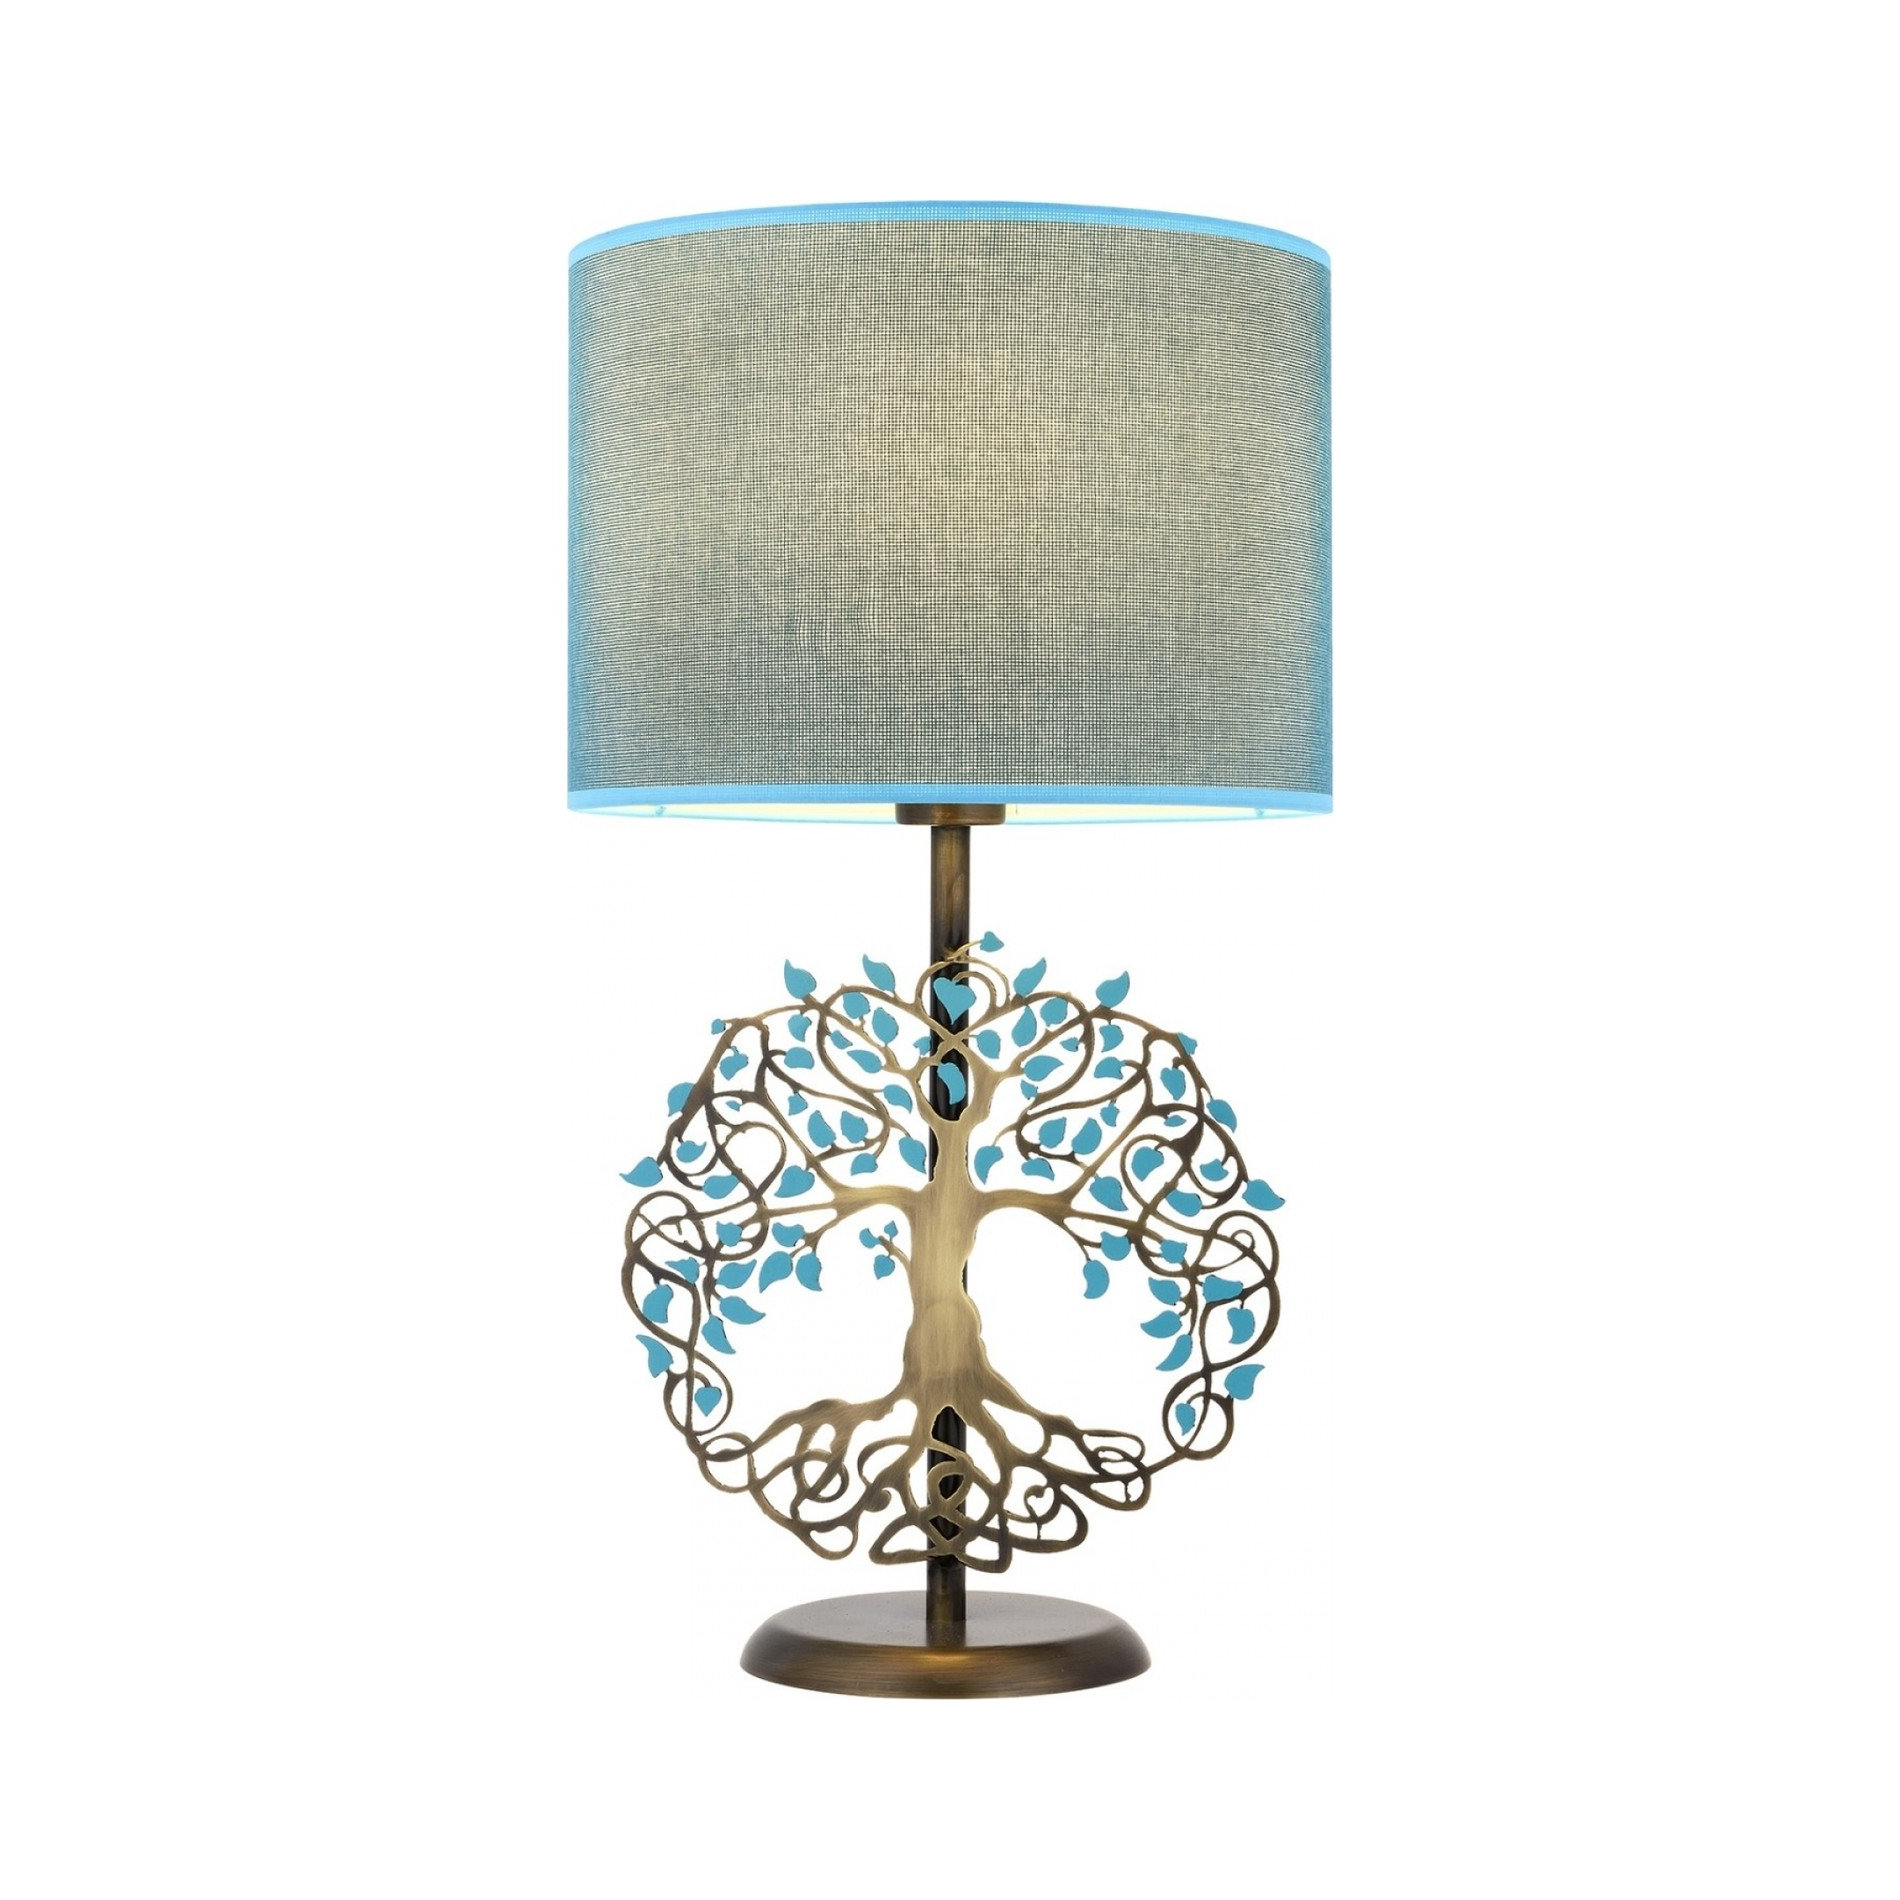 Moderná kreatívna stolová lampa STROM ŽIVOTA nažiarovkutypu E27. Táto kreatívna stolová lampa je v dizajne Stromu života